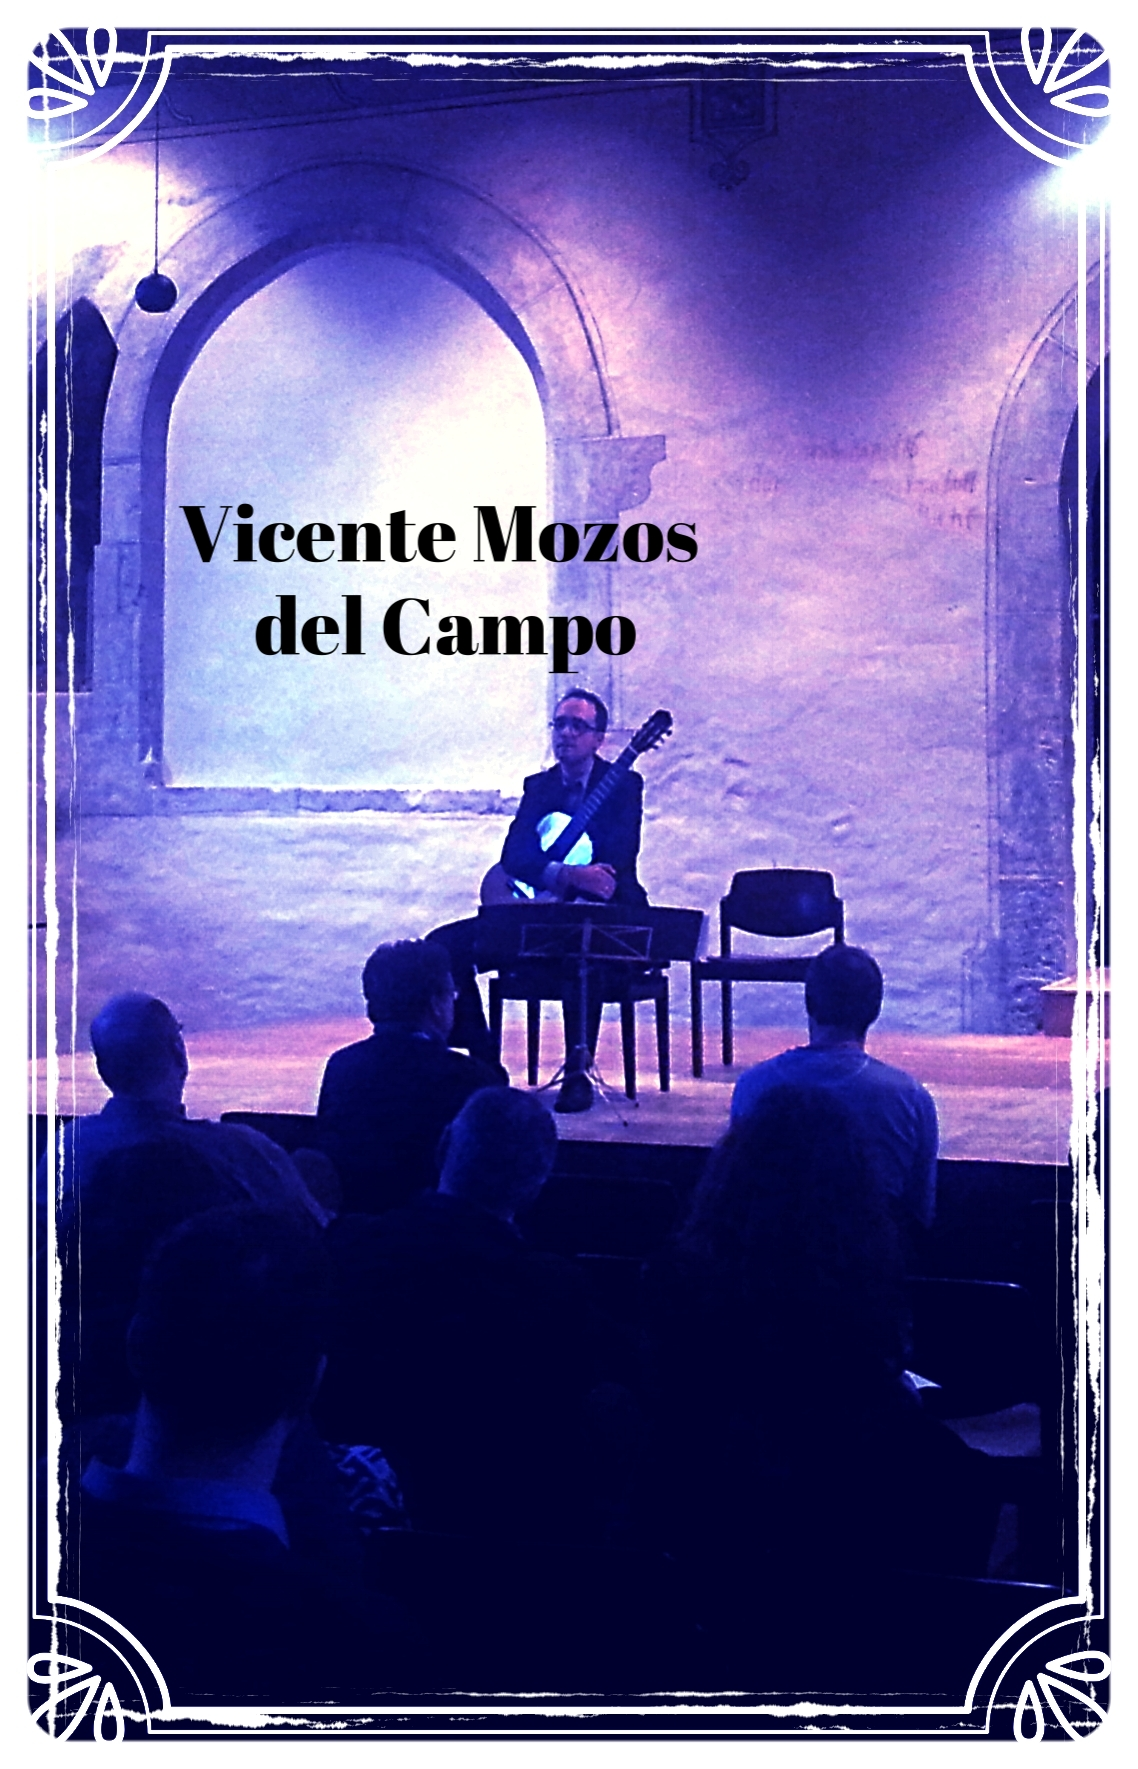 http://www.vicentemozosdelcampo.de/